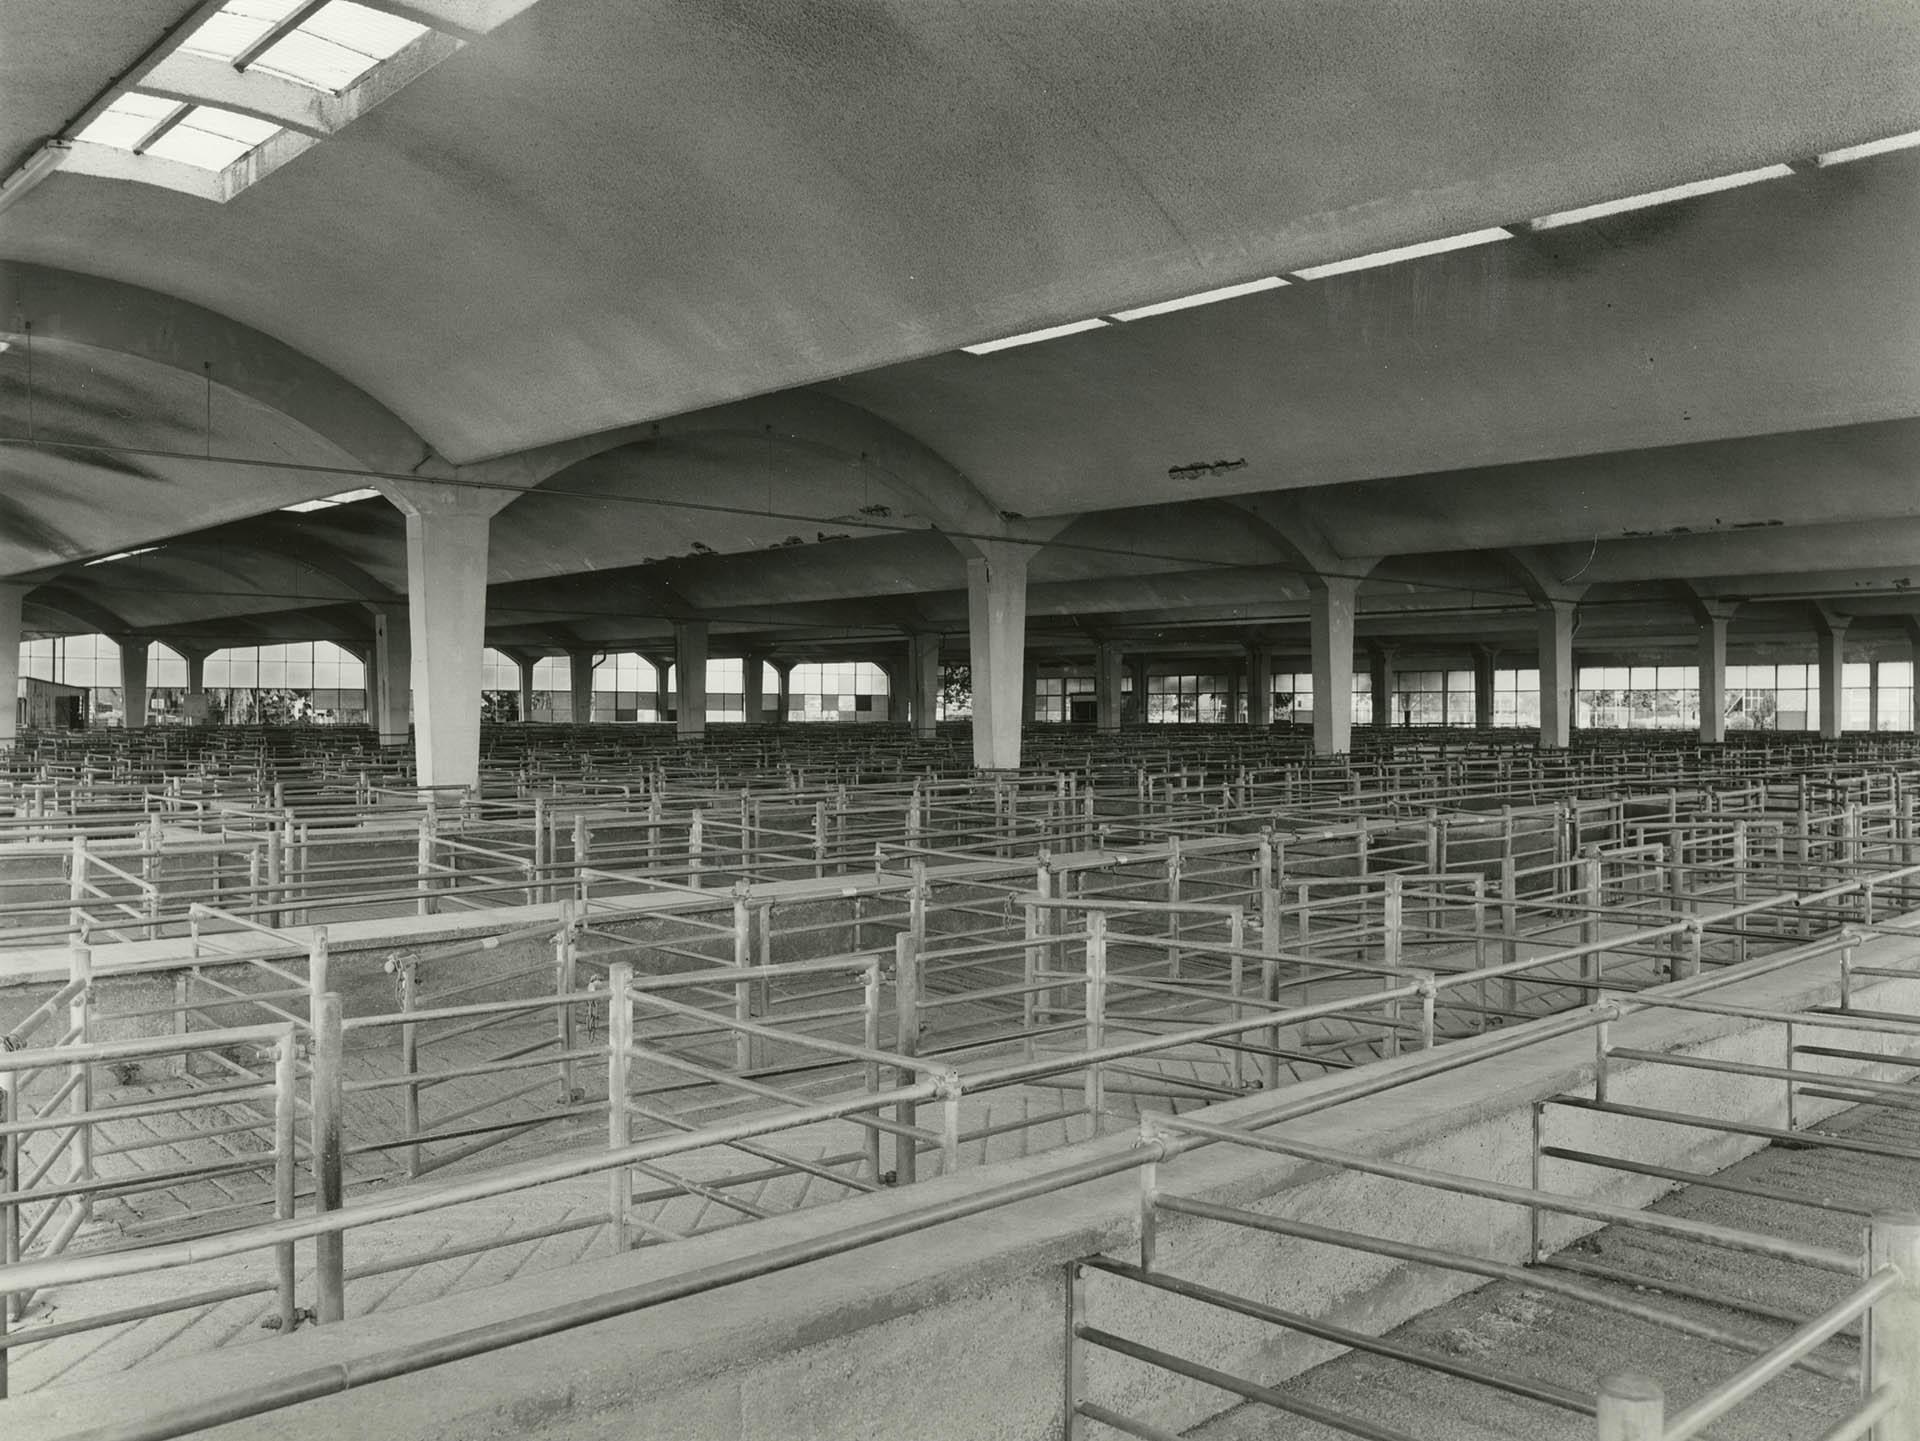 Photolanguage Gloucester Cattle Market - Web DOC287